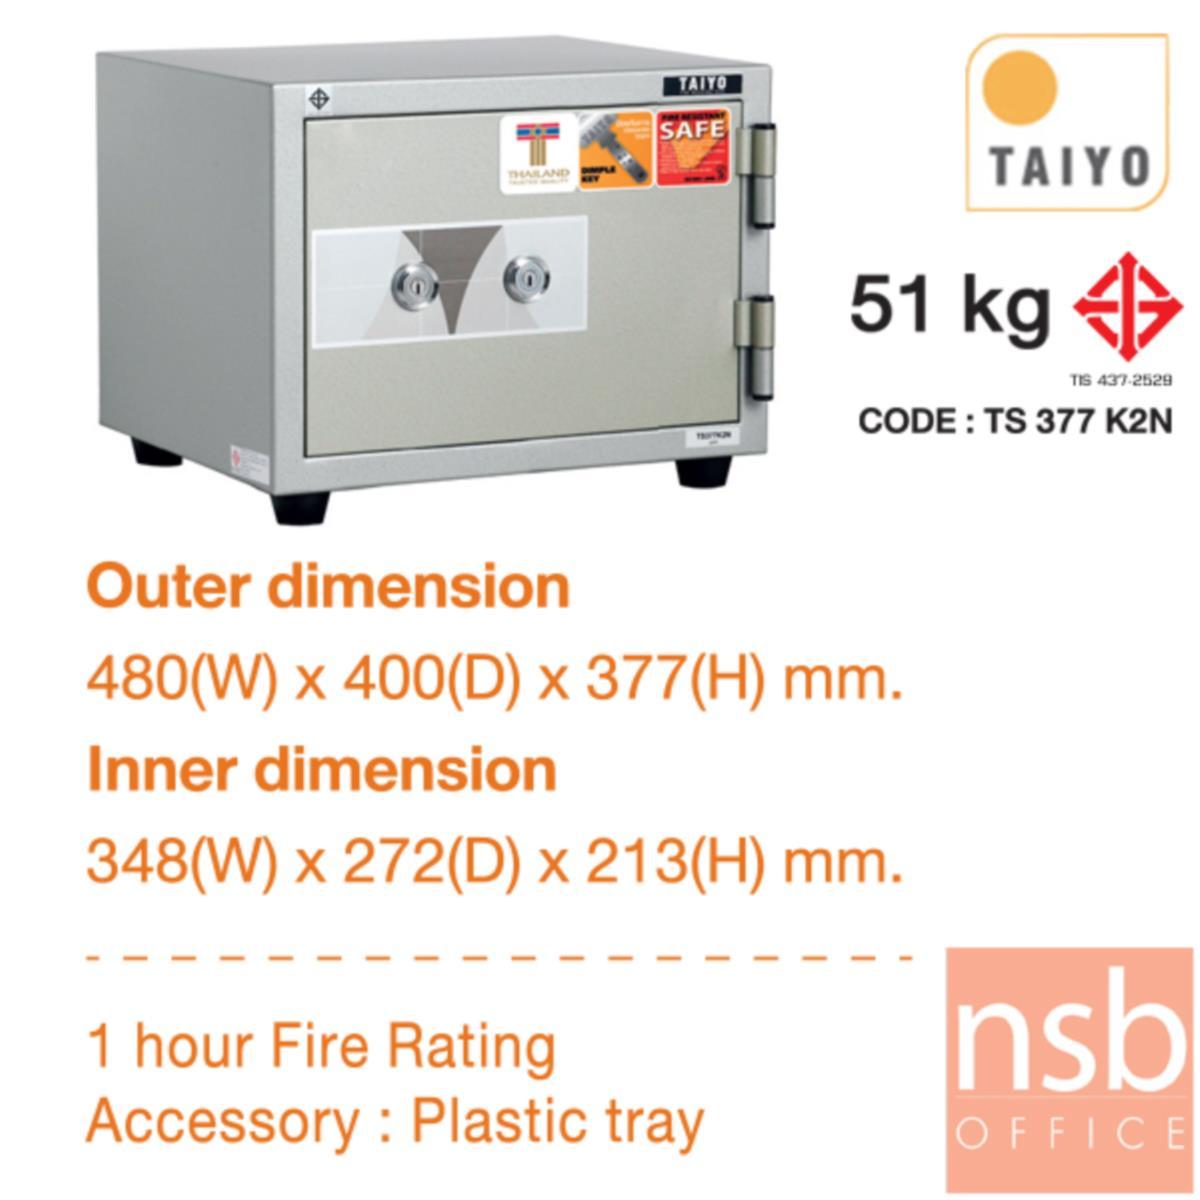 ตู้เซฟ TAIYO 51 กก. 2 กุญแจ ไม่มีรหัส   (TS 377 K2N มอก.)